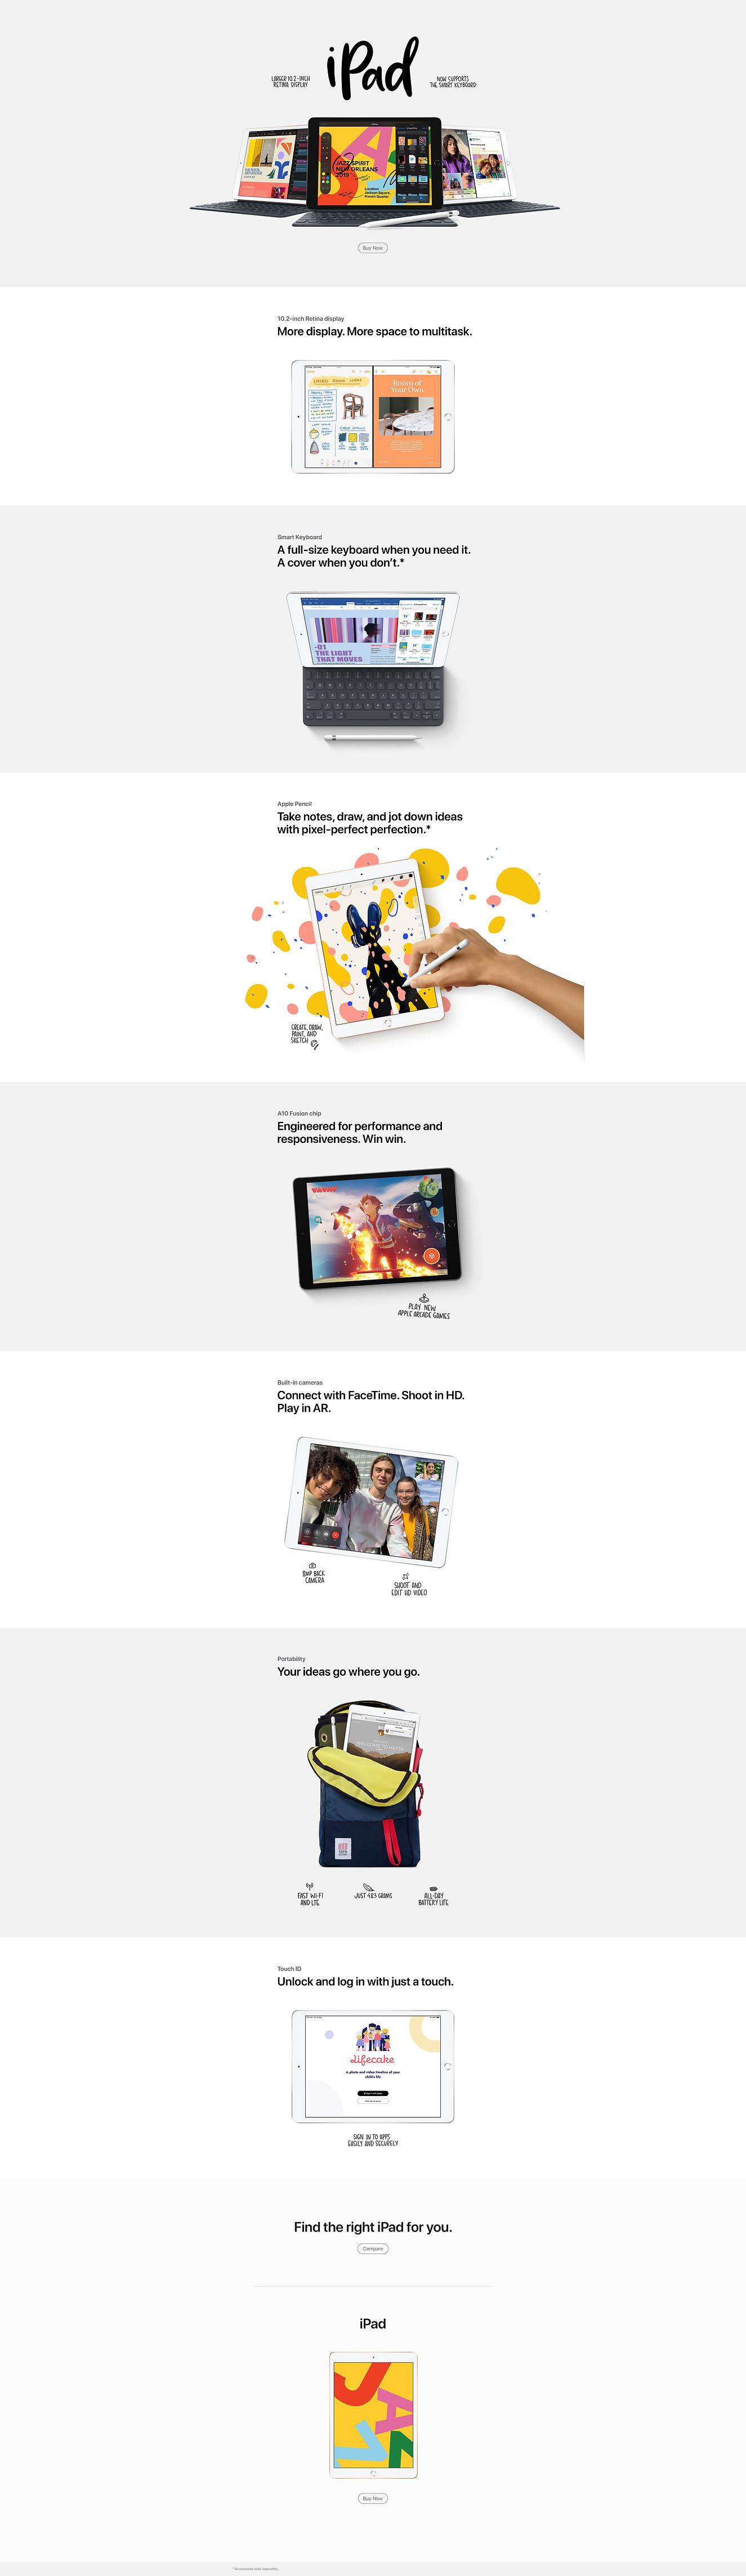 iPad 10.2 Specs